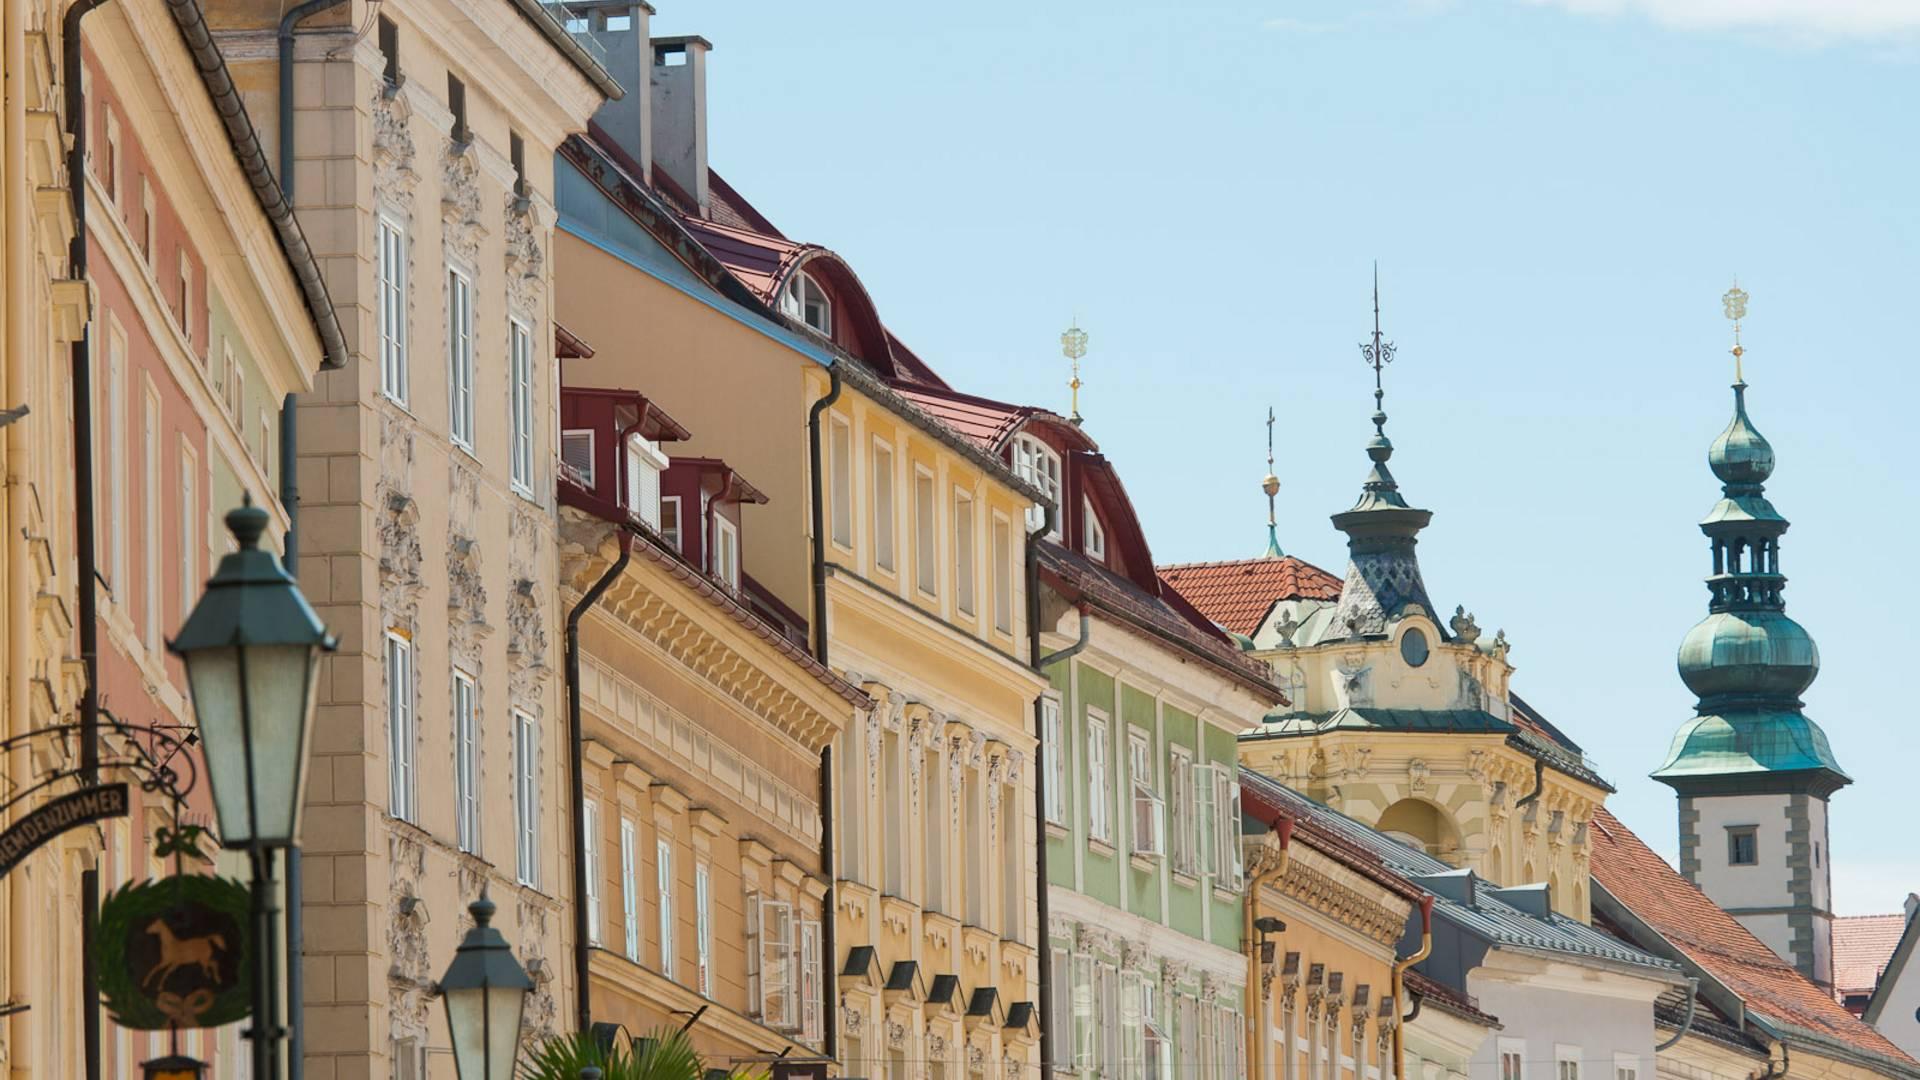 Klagenfurt Altstadt Fassaden